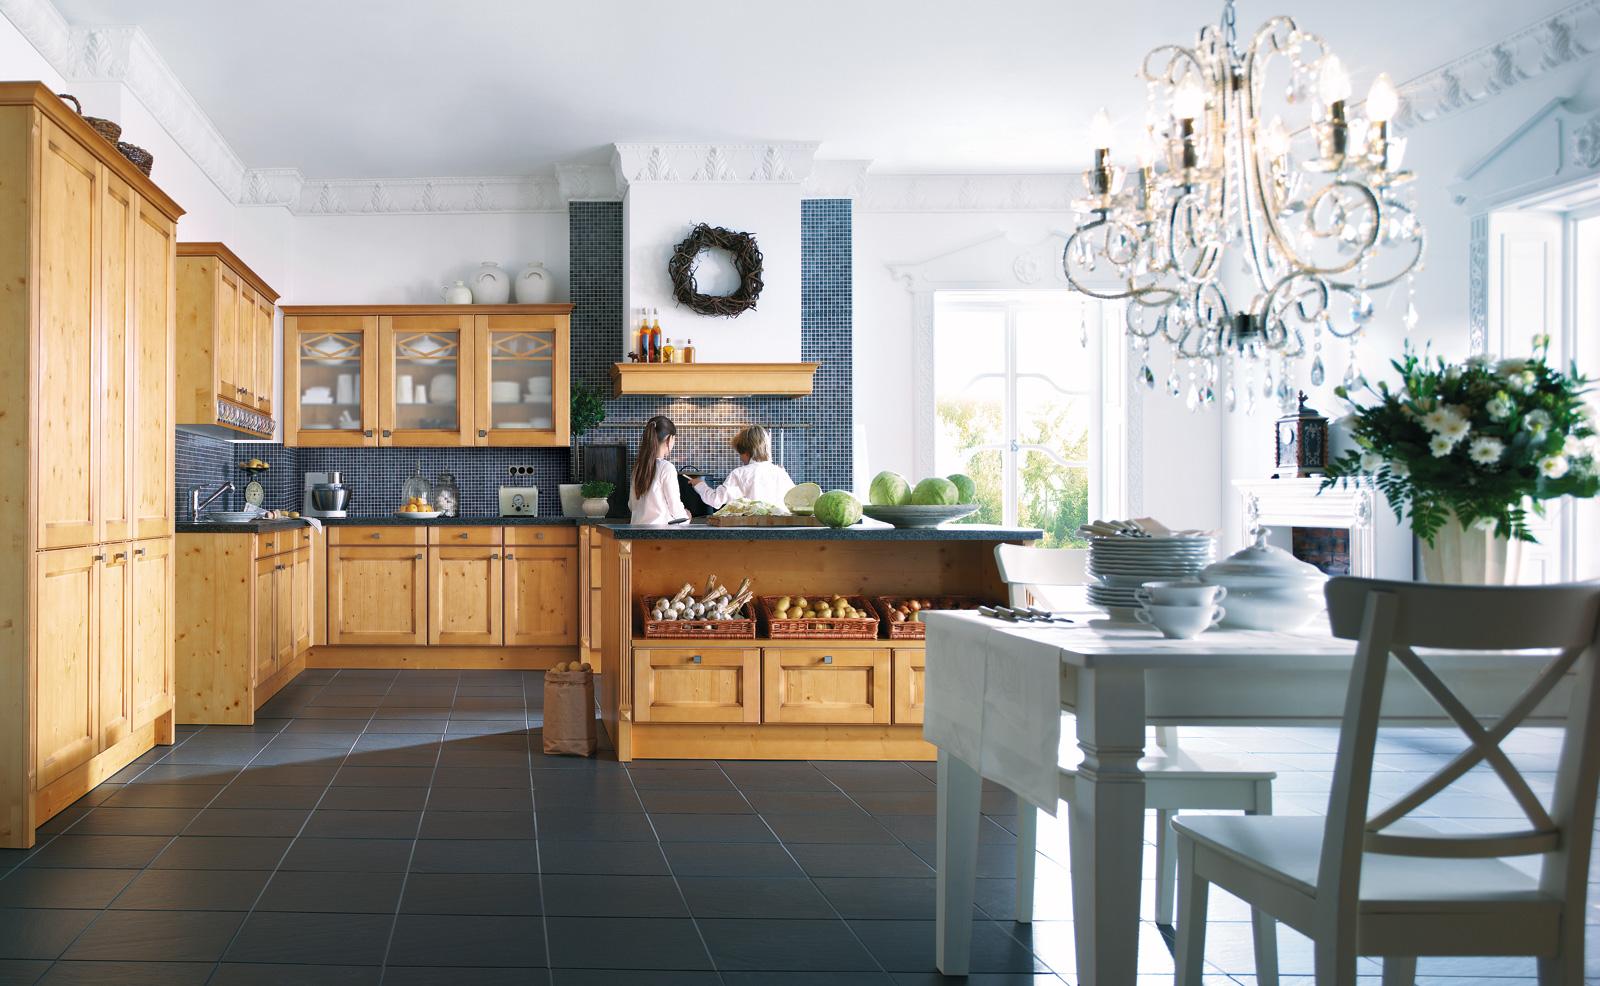 k chenwelten insel k chen silbernagel. Black Bedroom Furniture Sets. Home Design Ideas